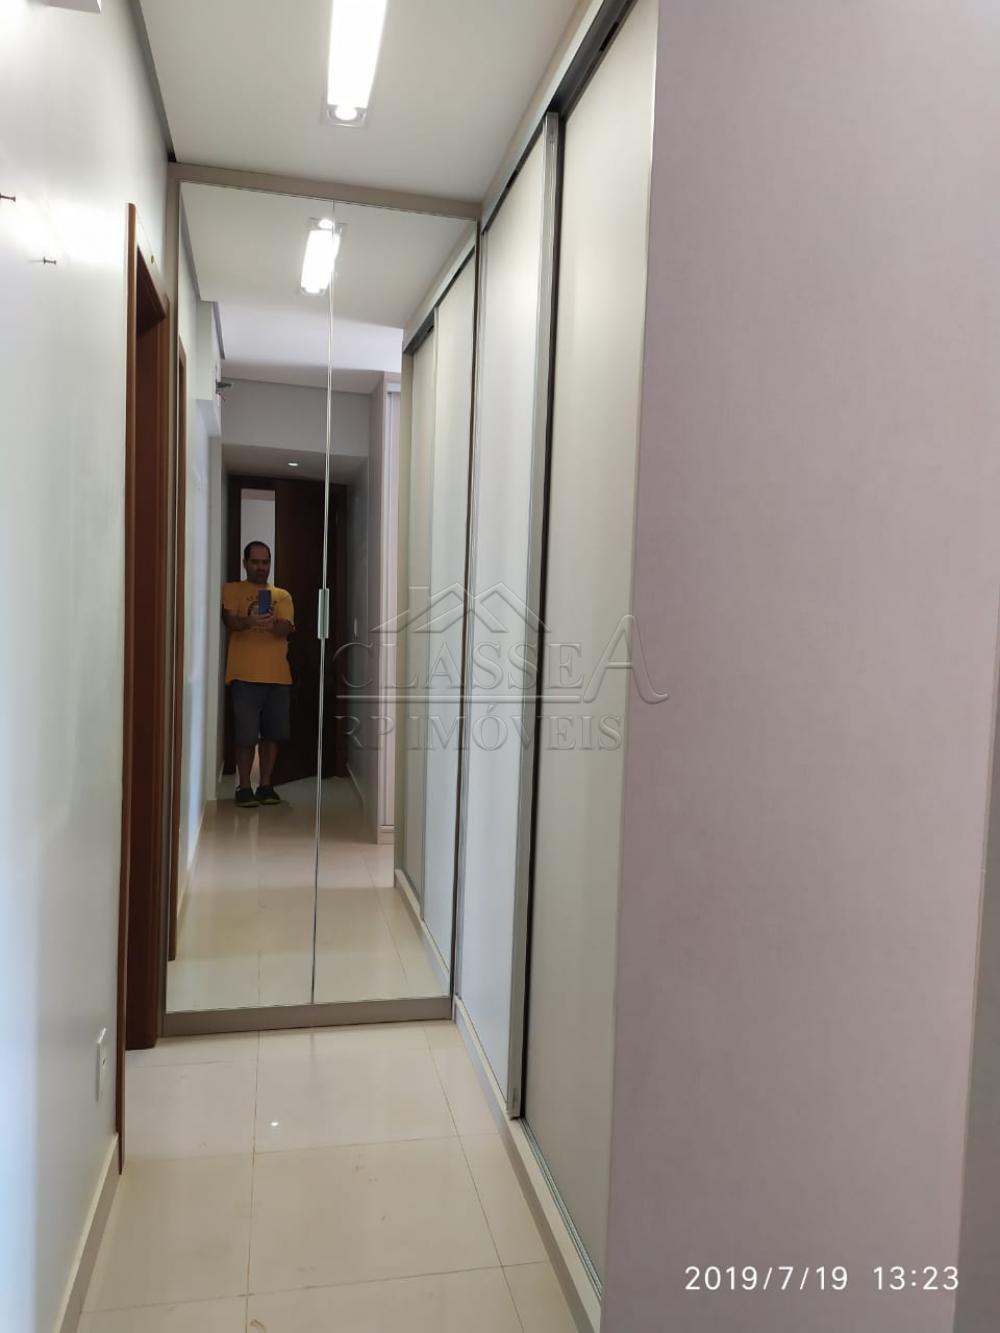 Comprar Apartamento / Padrão em Ribeirão Preto apenas R$ 1.100.000,00 - Foto 31